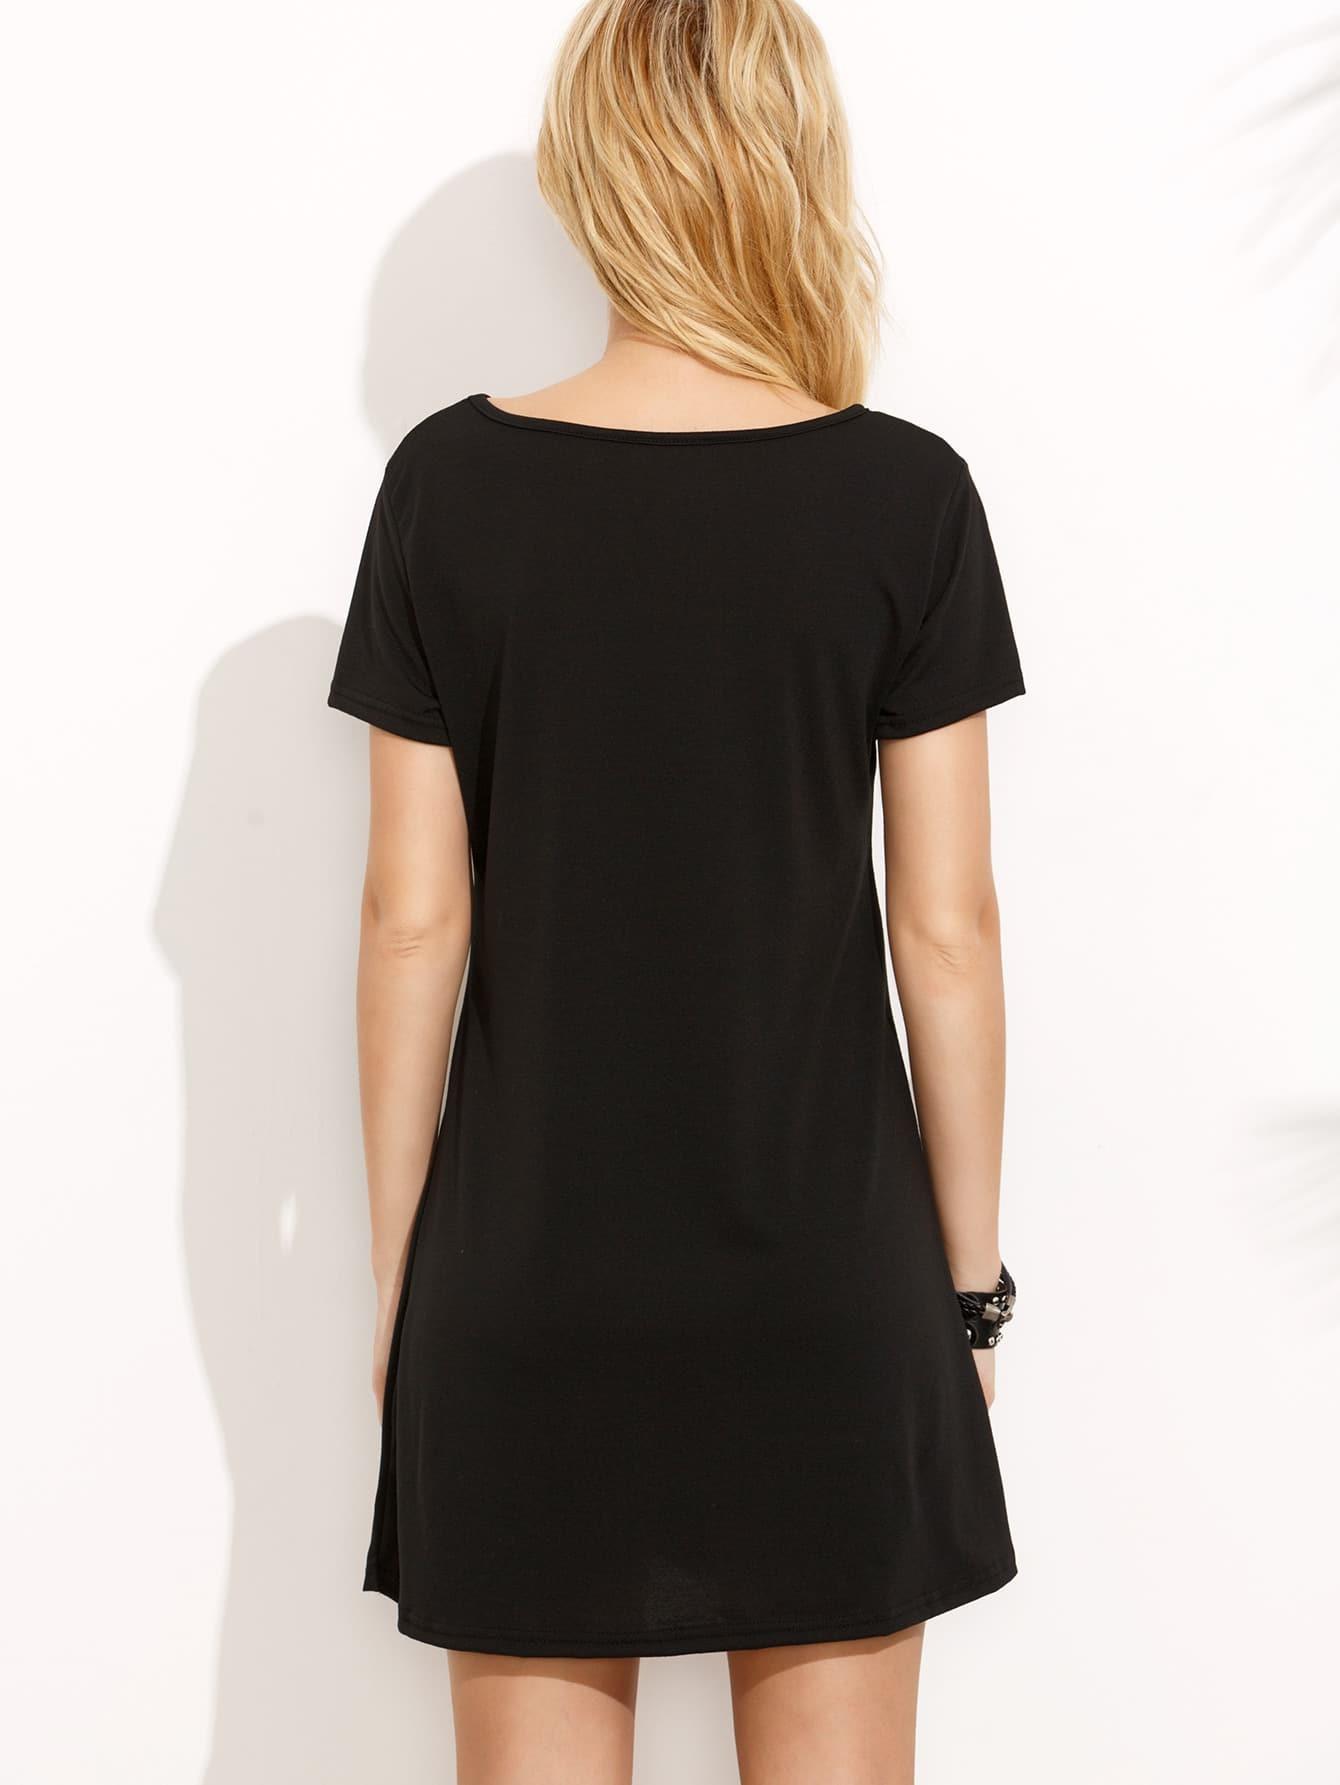 dress160802104_2